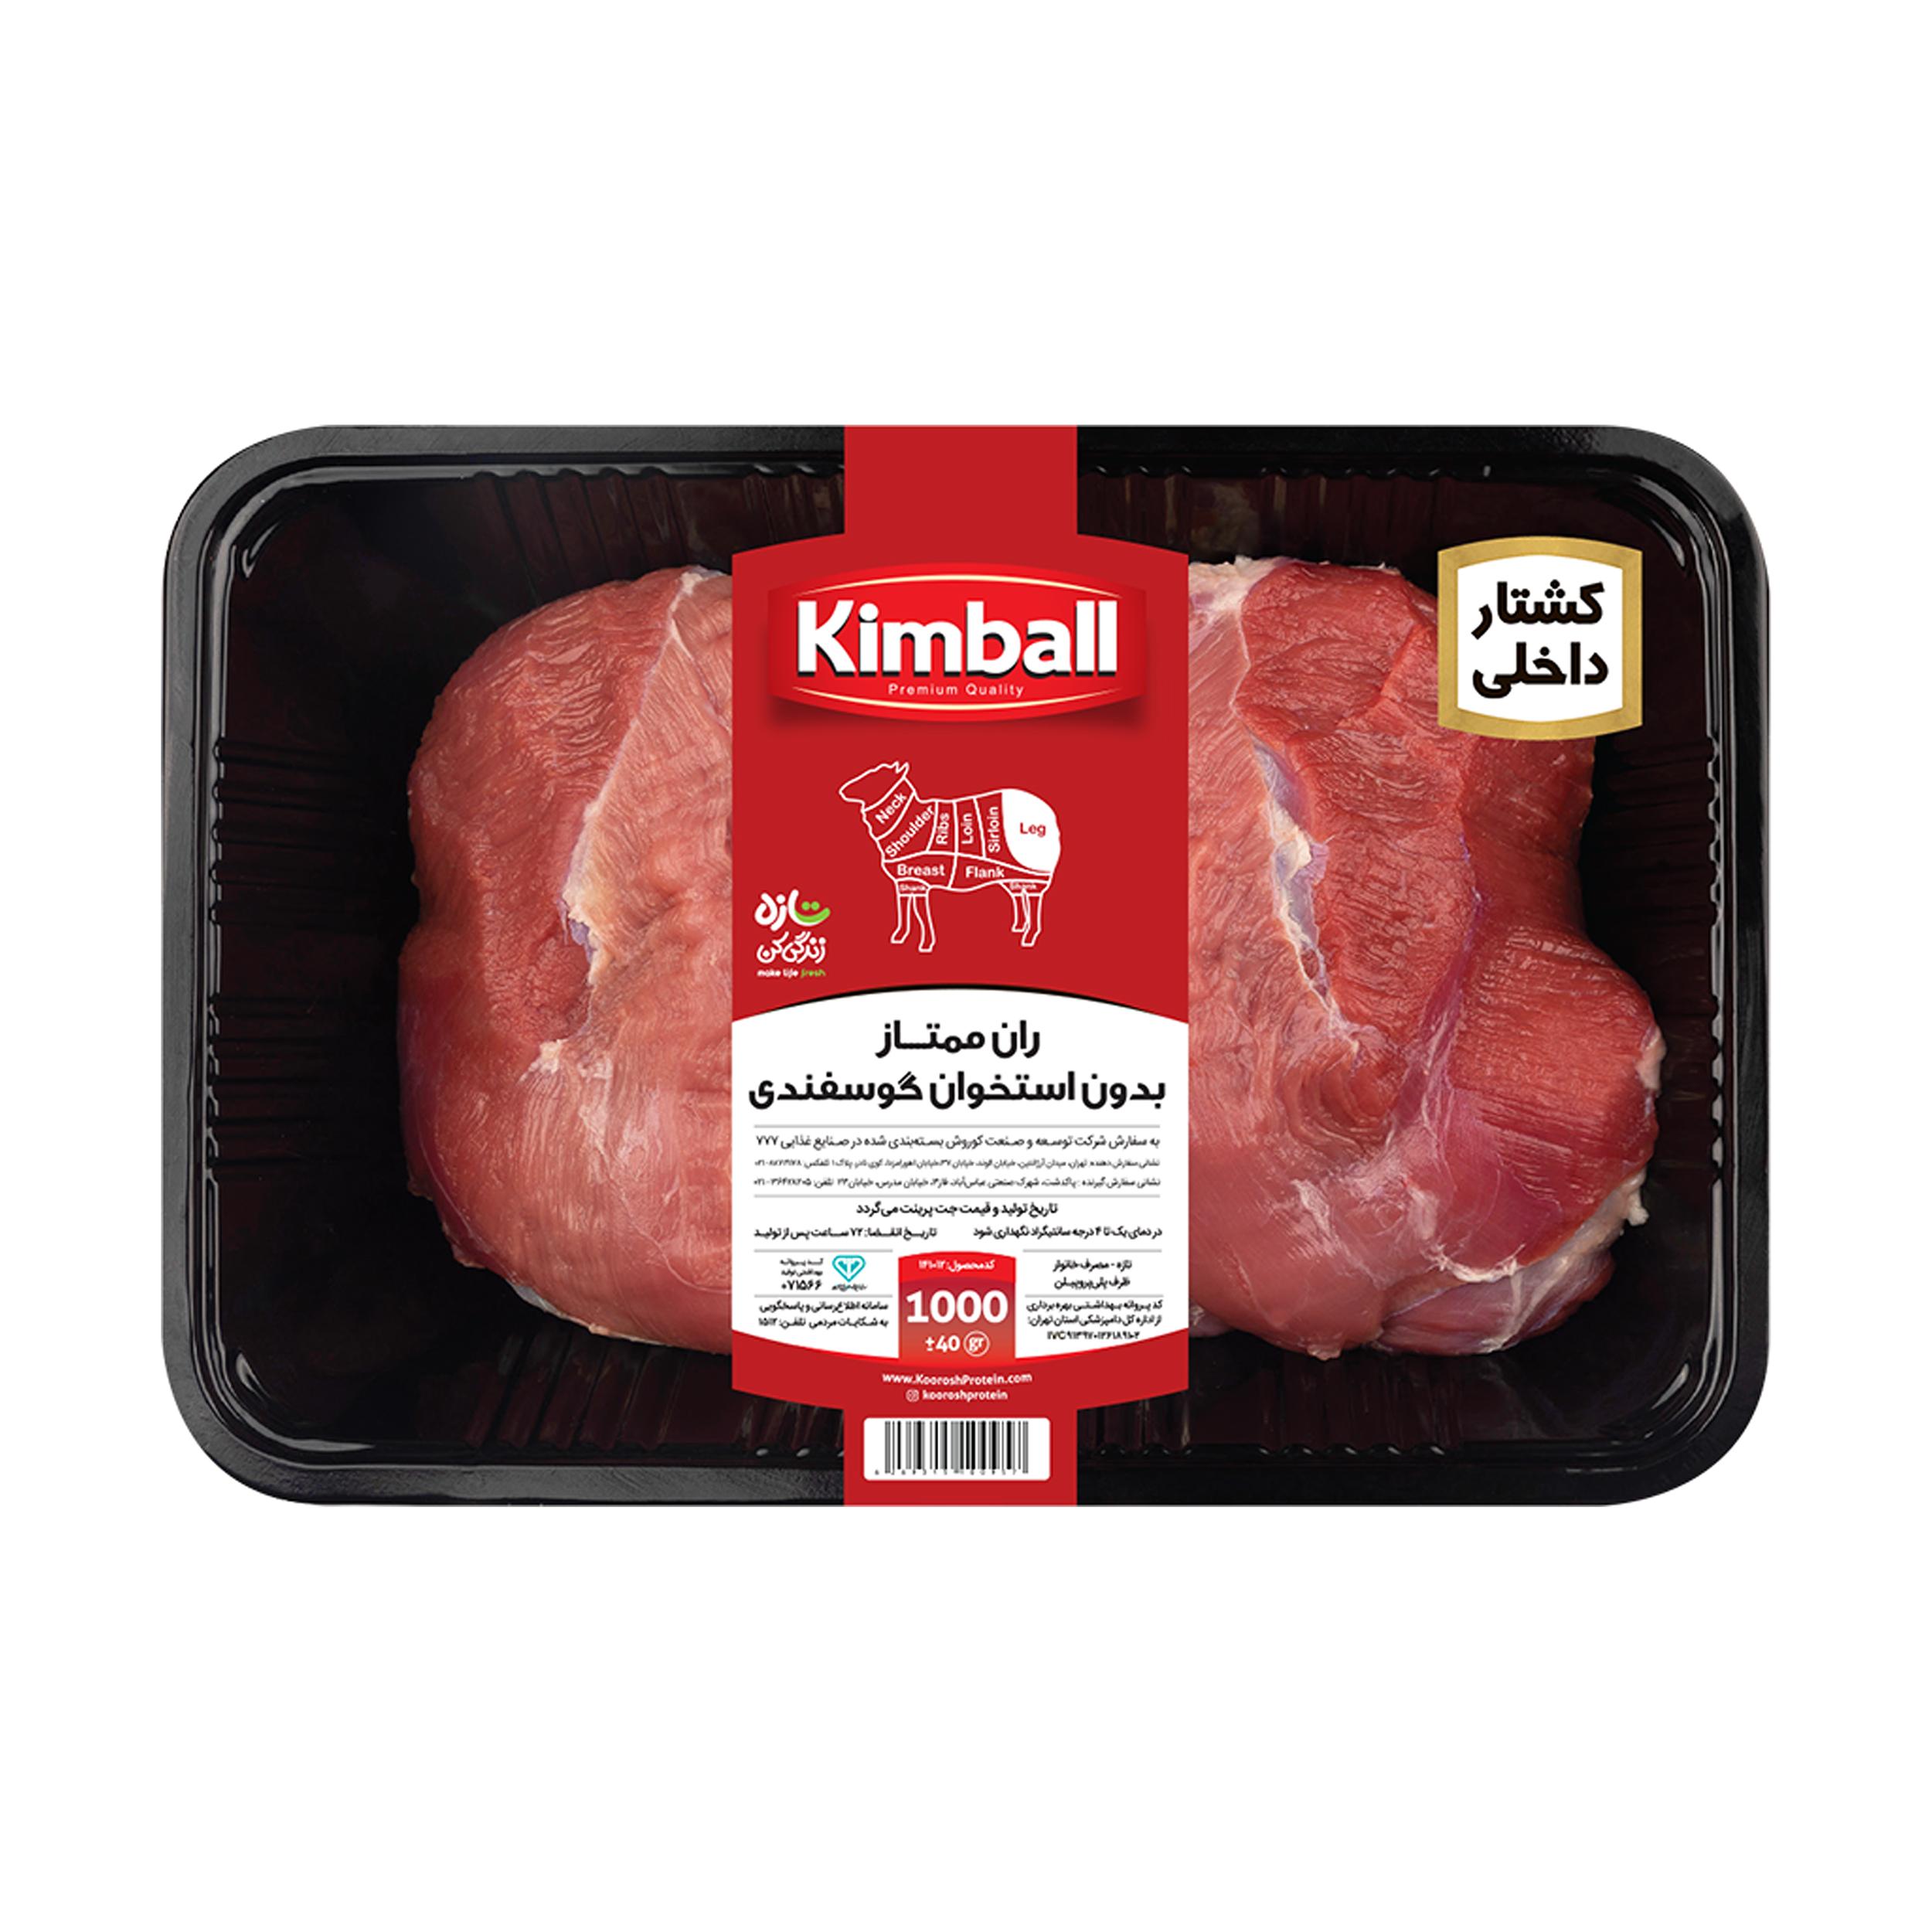 ران بدون استخوان گوسفندی ممتاز کیمبال مقدار 1 کیلو گرم